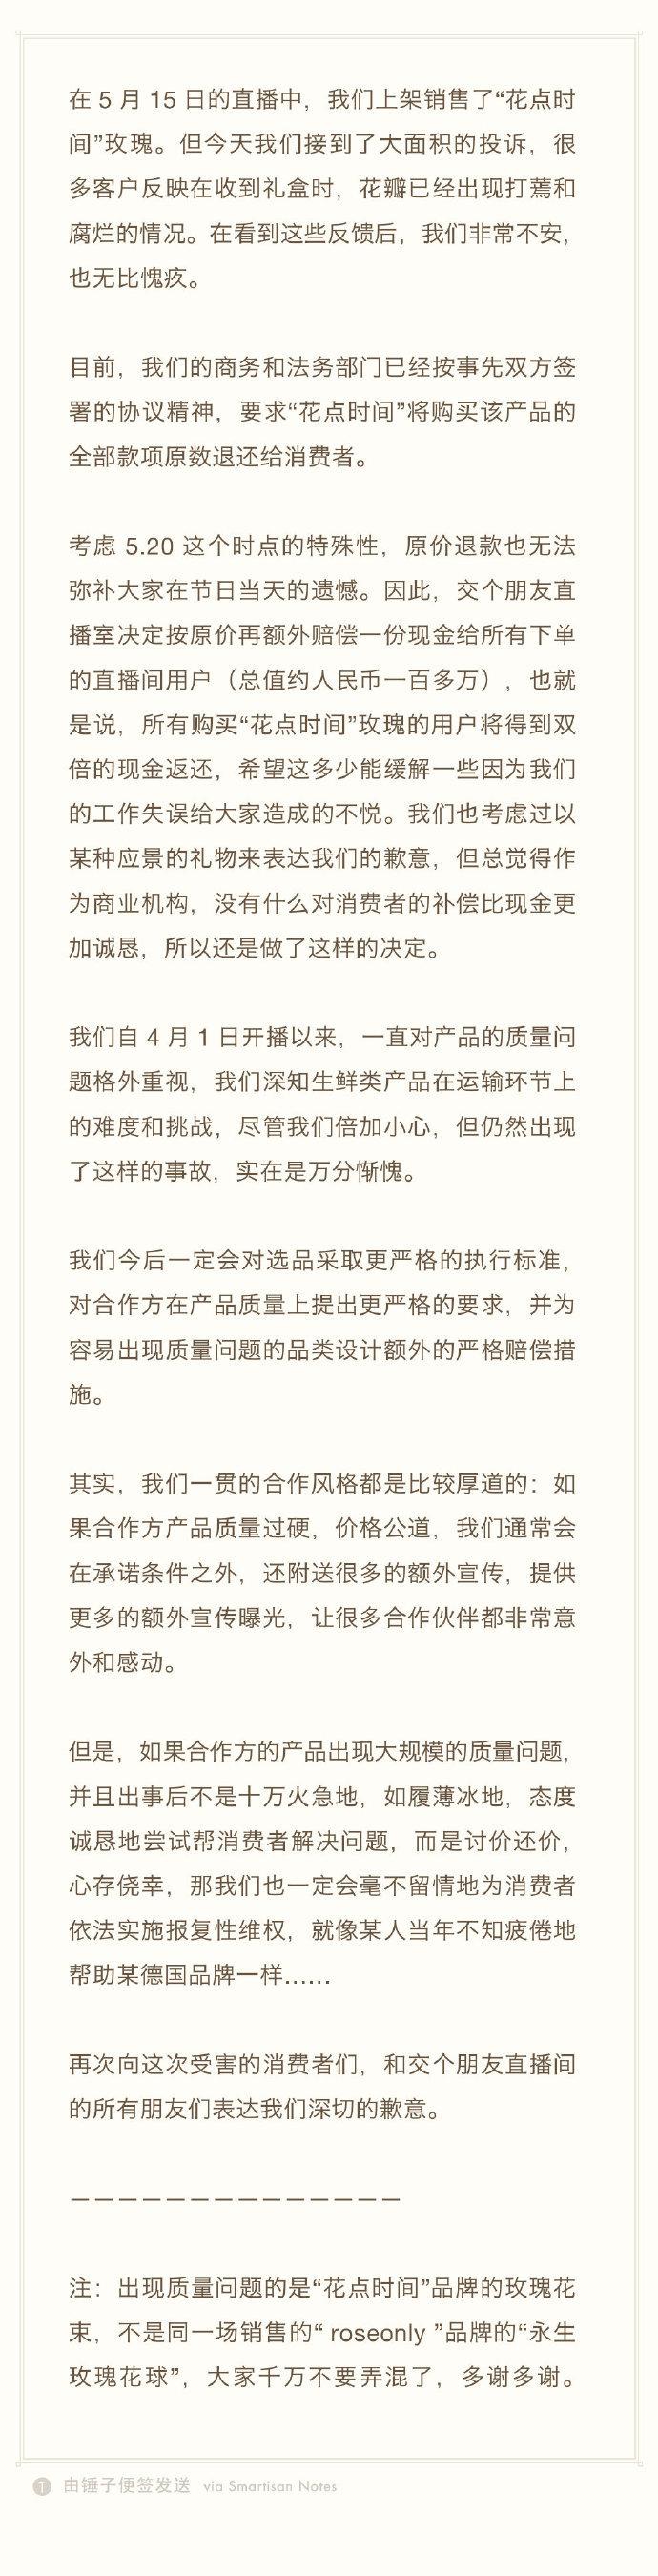 遭网友吐槽带货玫瑰腐烂 罗永浩致歉:双倍赔偿 正在严肃追究责任